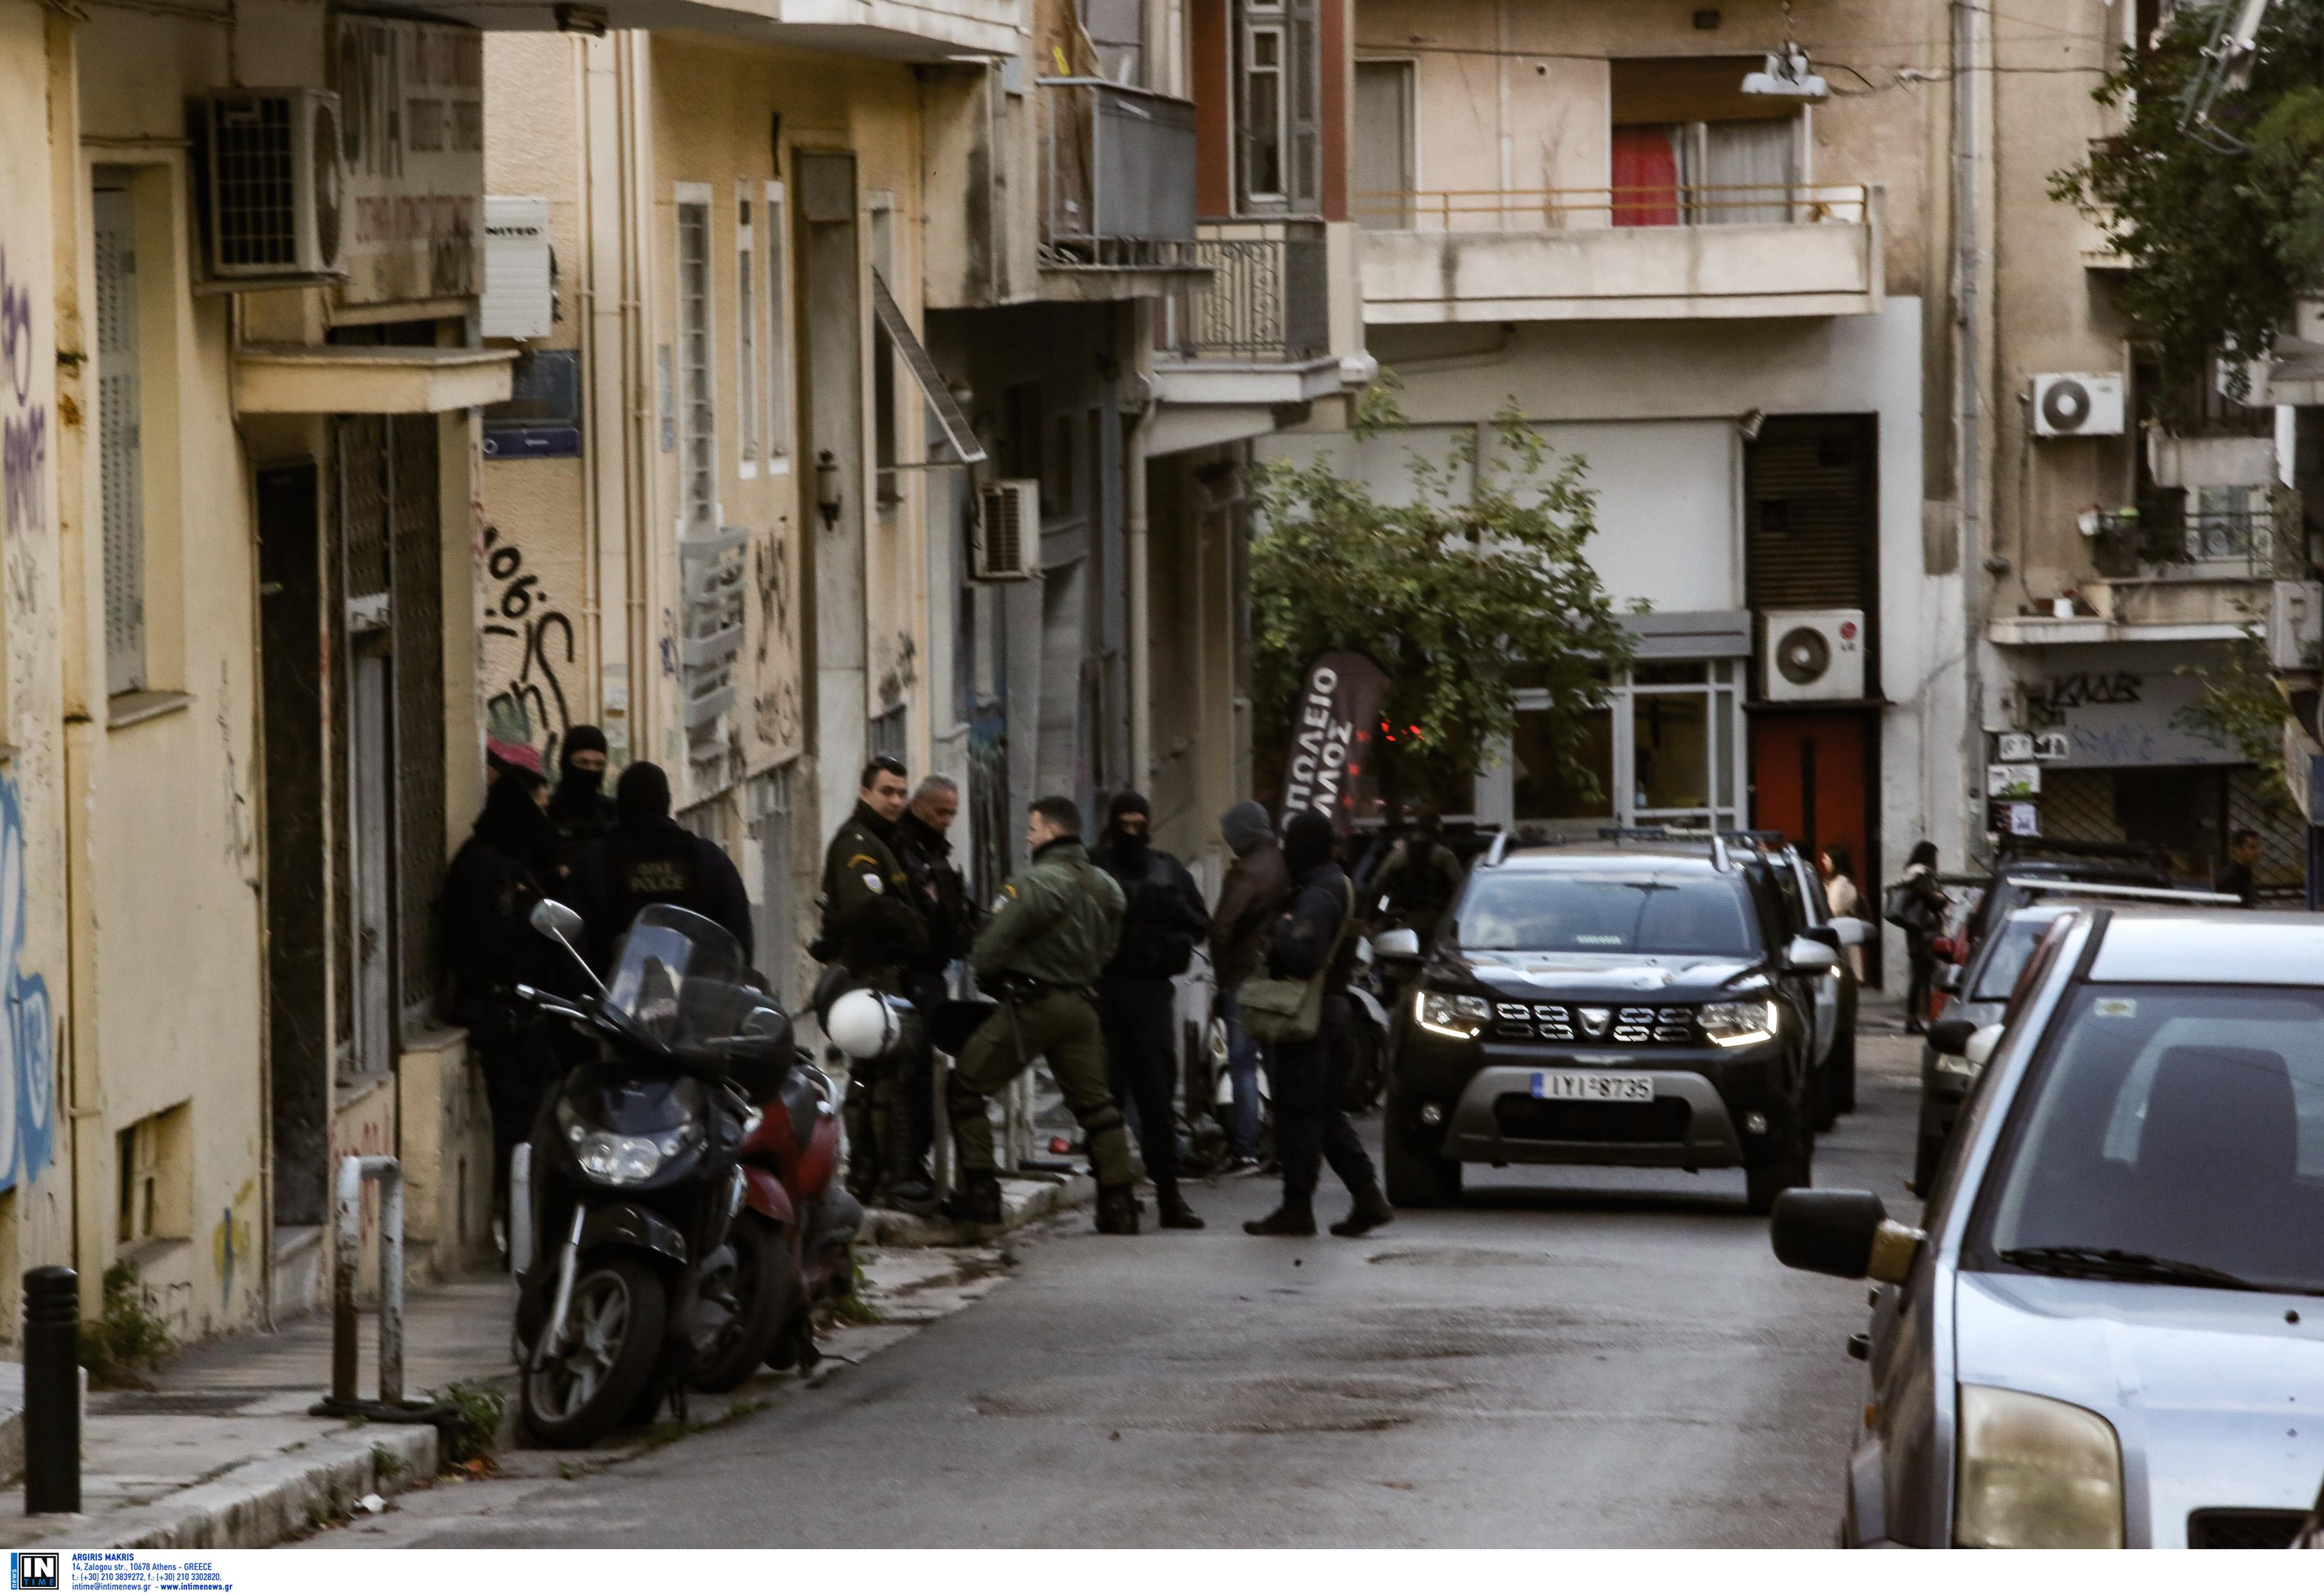 """Η καταδίωξη ενός… ταξί """"οδήγησε"""" στην έρευνα για ναρκωτικά στα Εξάρχεια"""